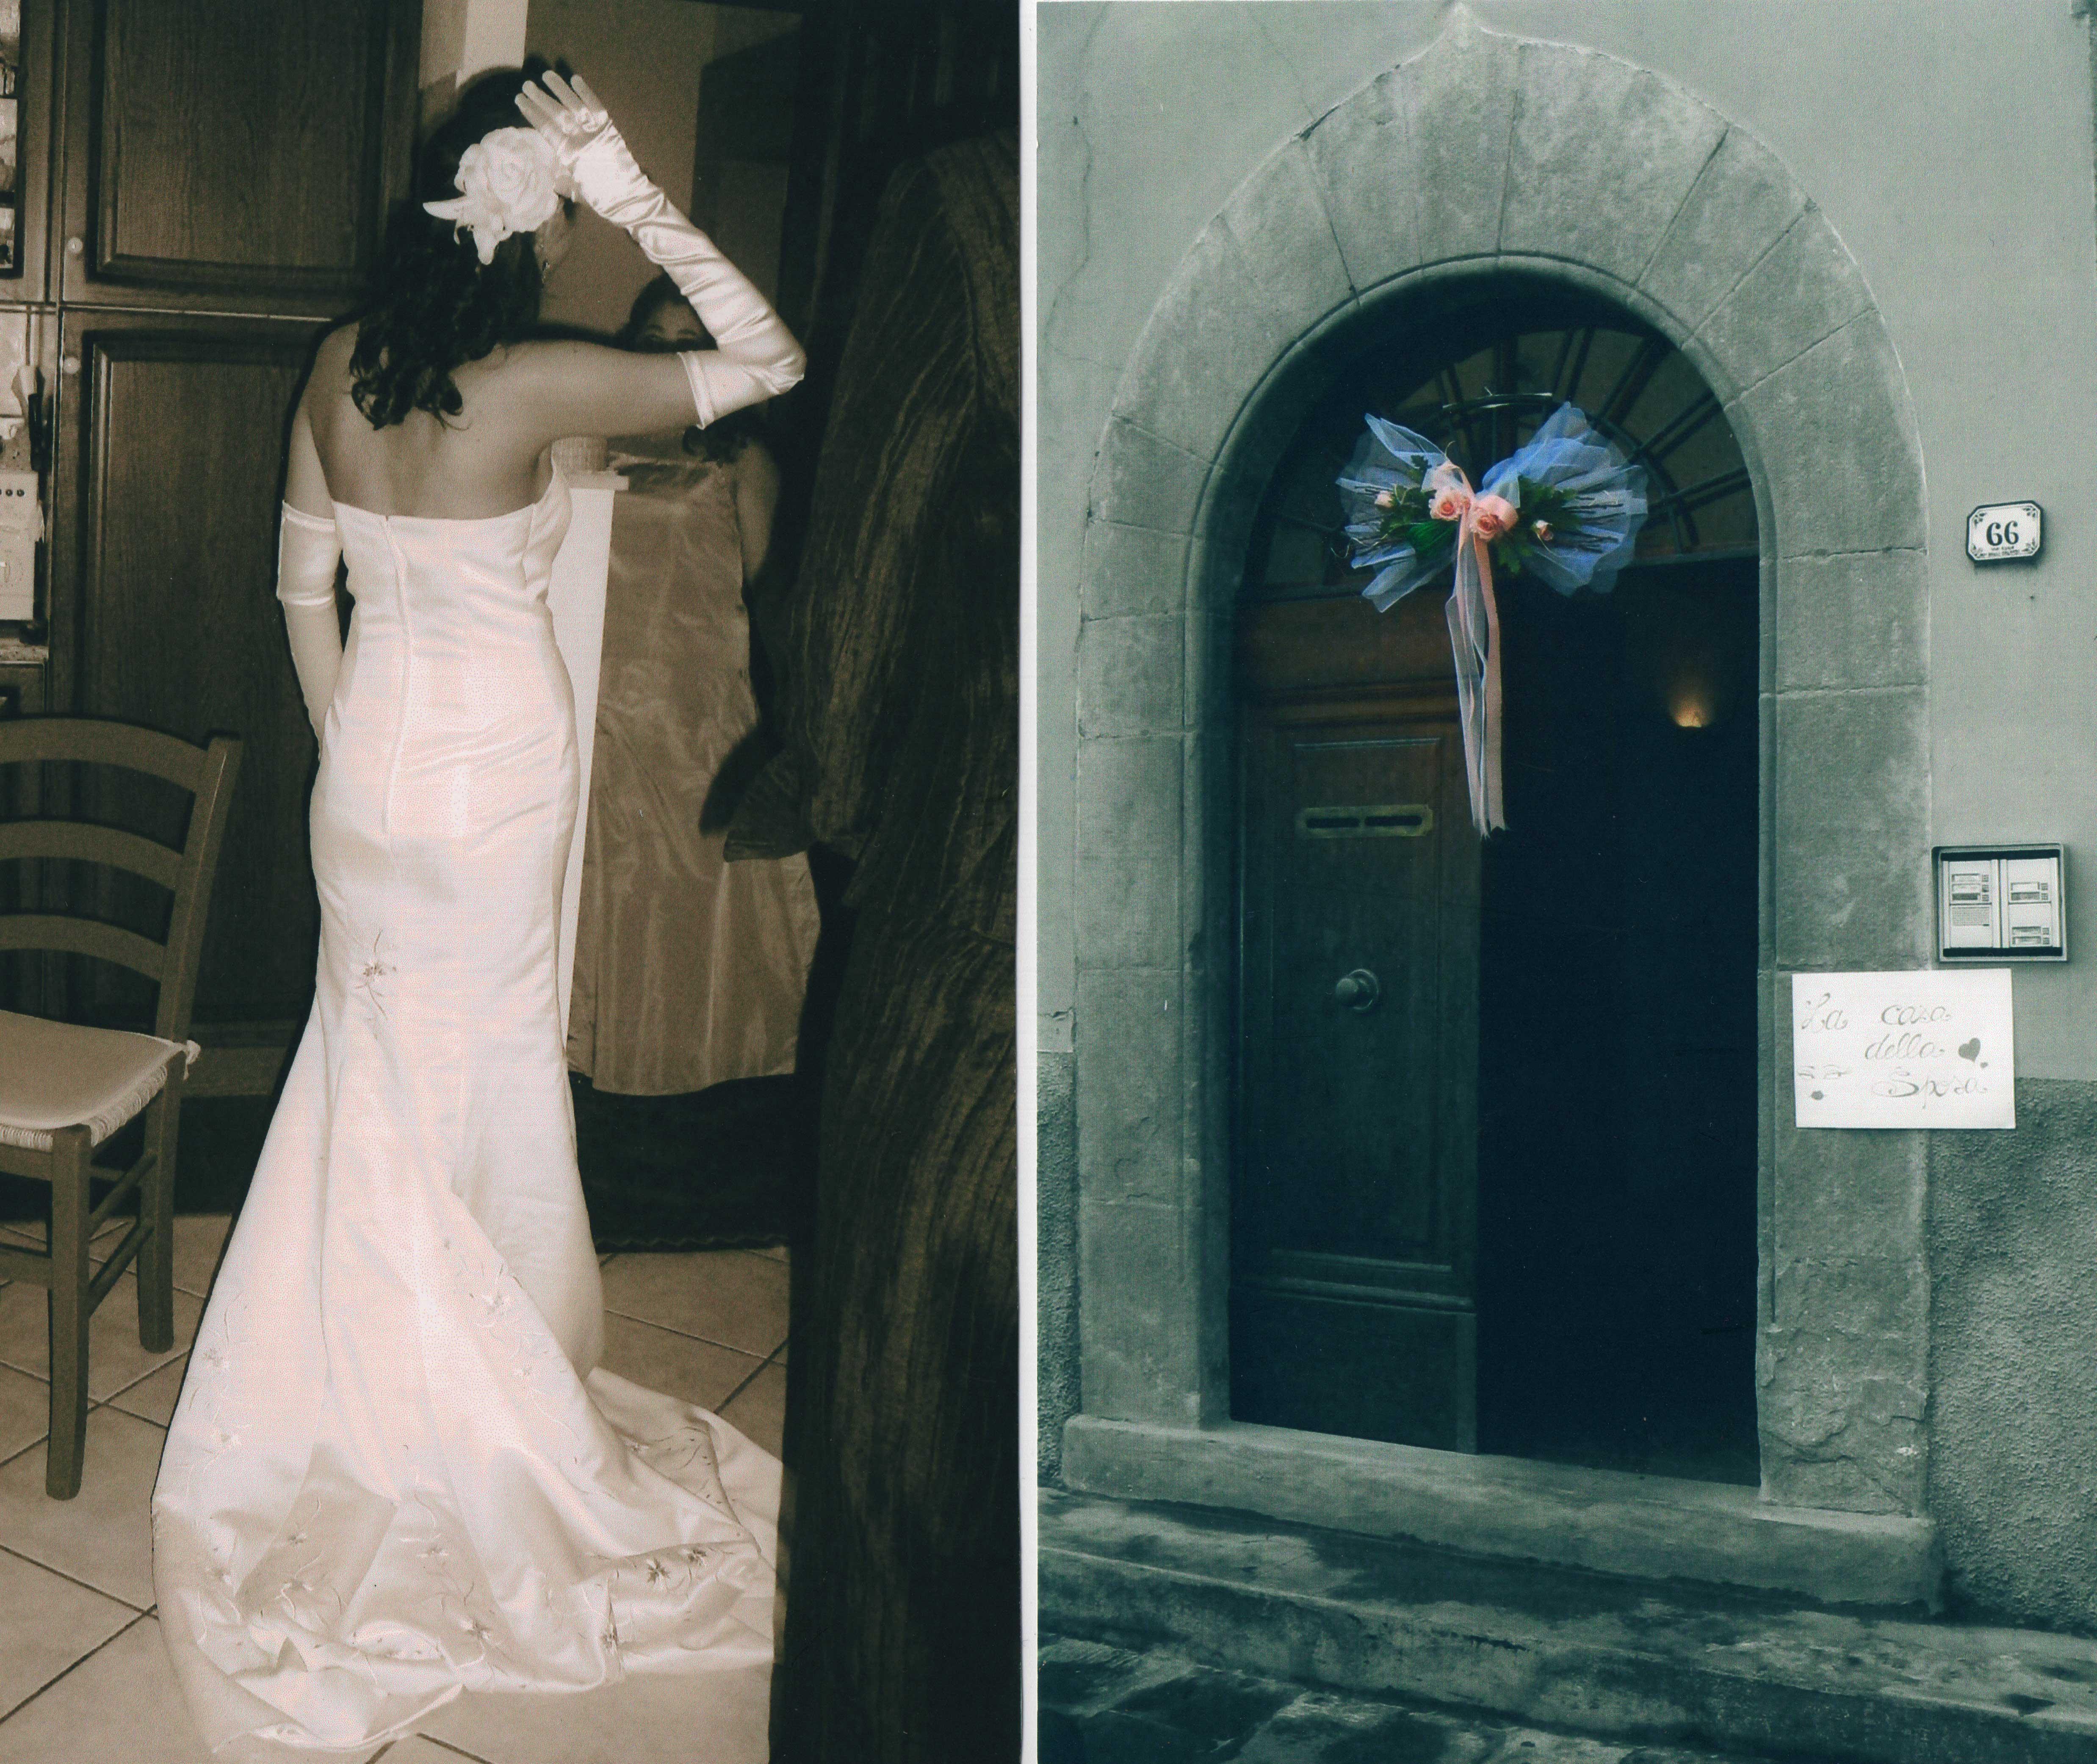 Addobbo floreale matrimonio prezzi fiori matrimonio - Addobbi matrimonio casa dello sposo ...